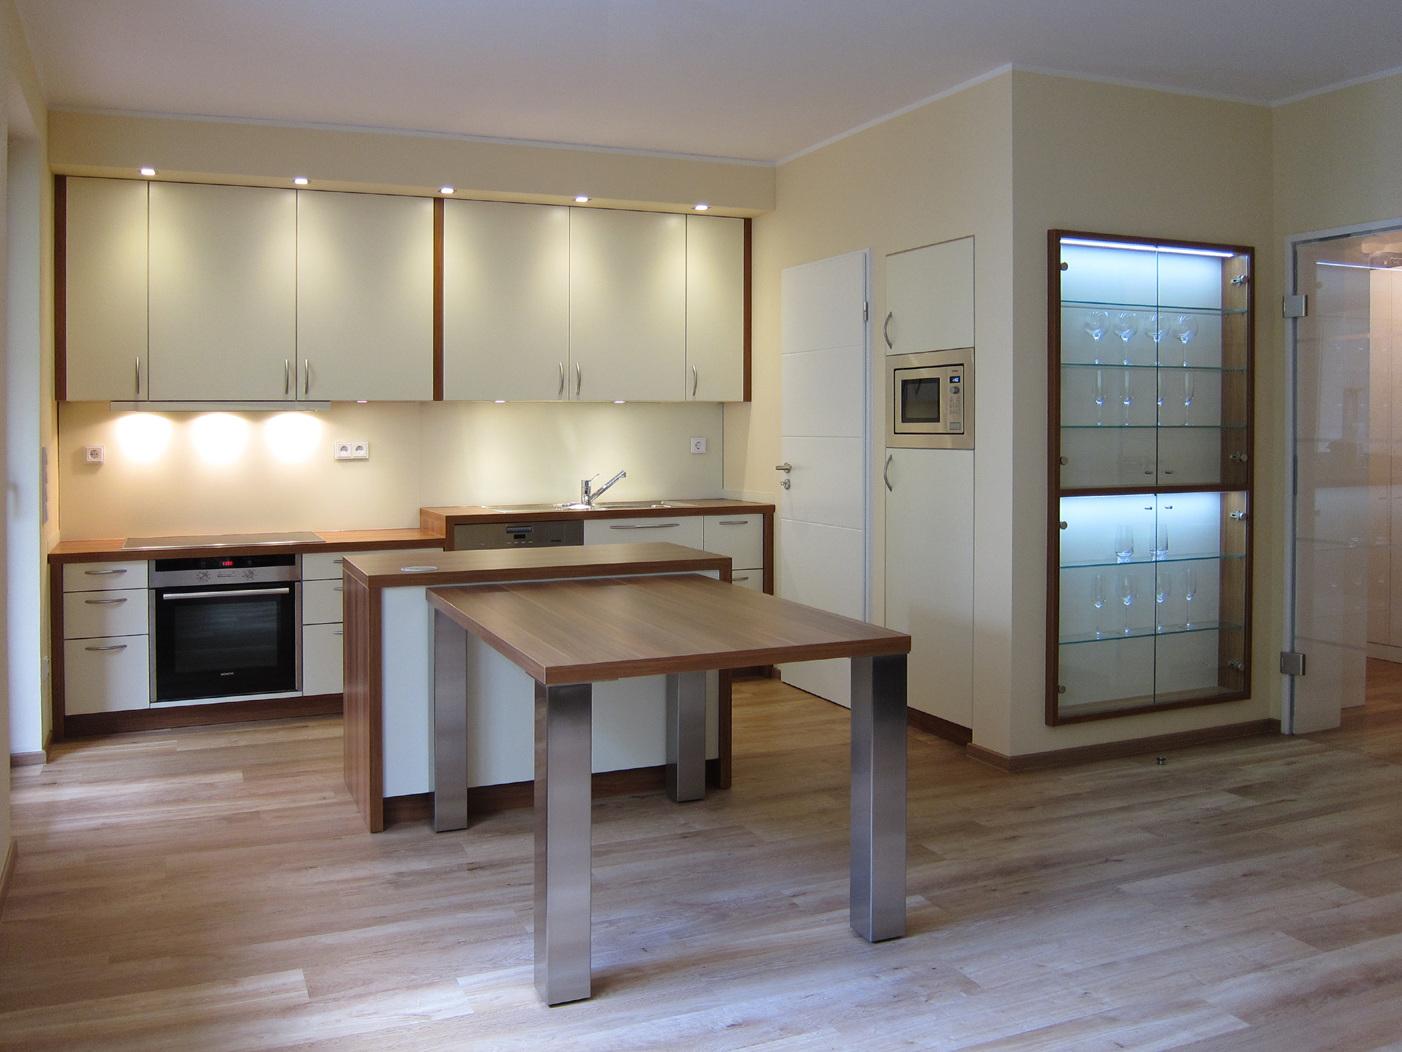 Offene Küche mit Abstellraum und eingebauter Vitrine